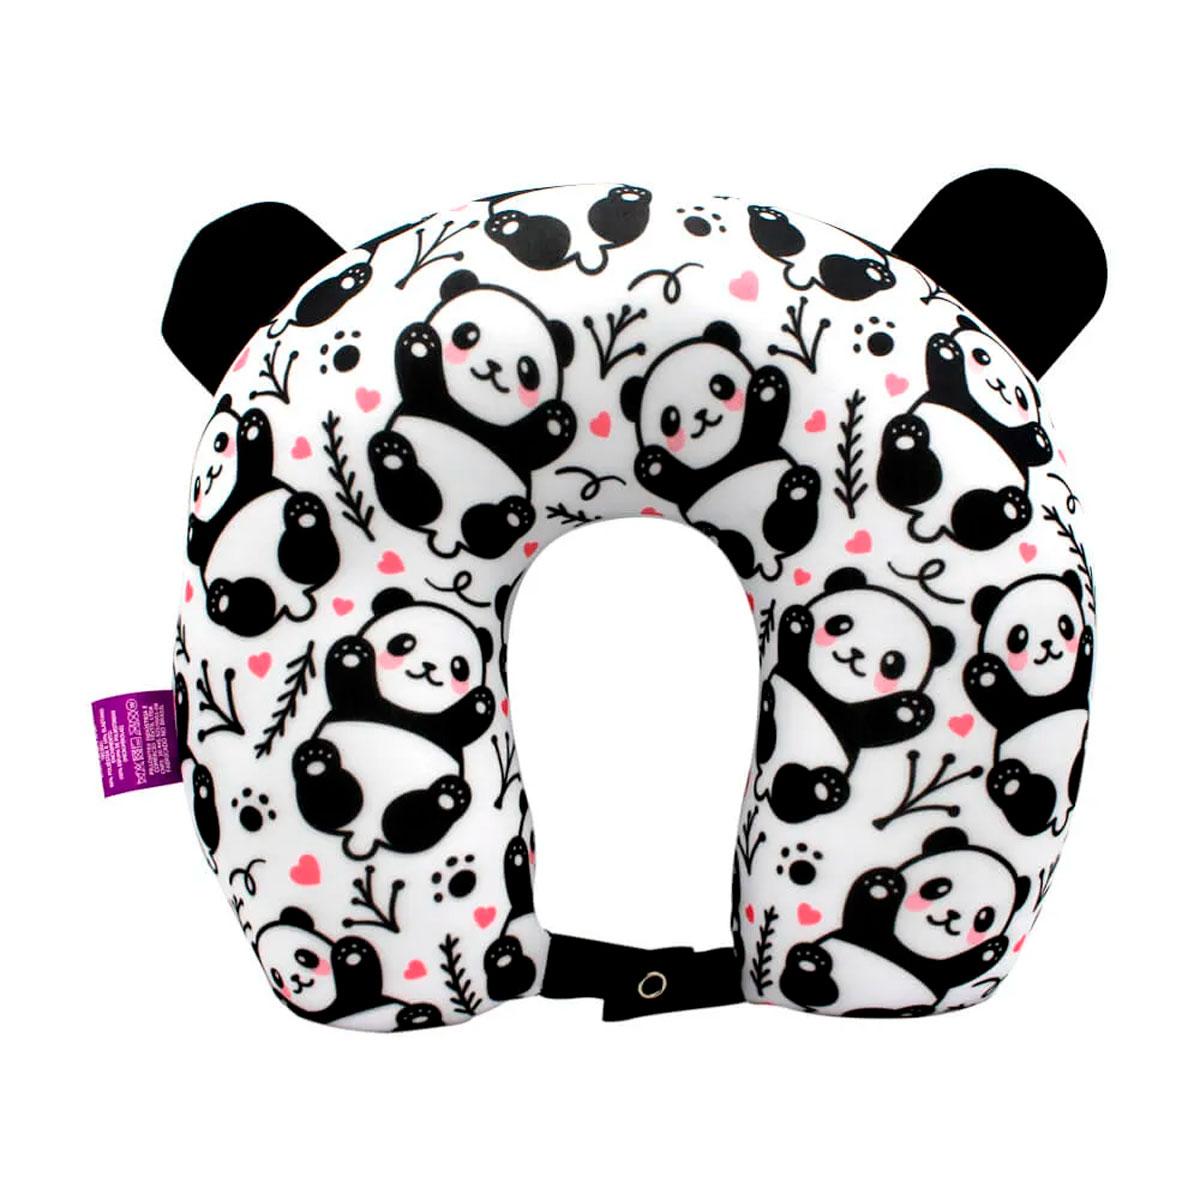 Almofada de Pescoço Panda - Presente Super